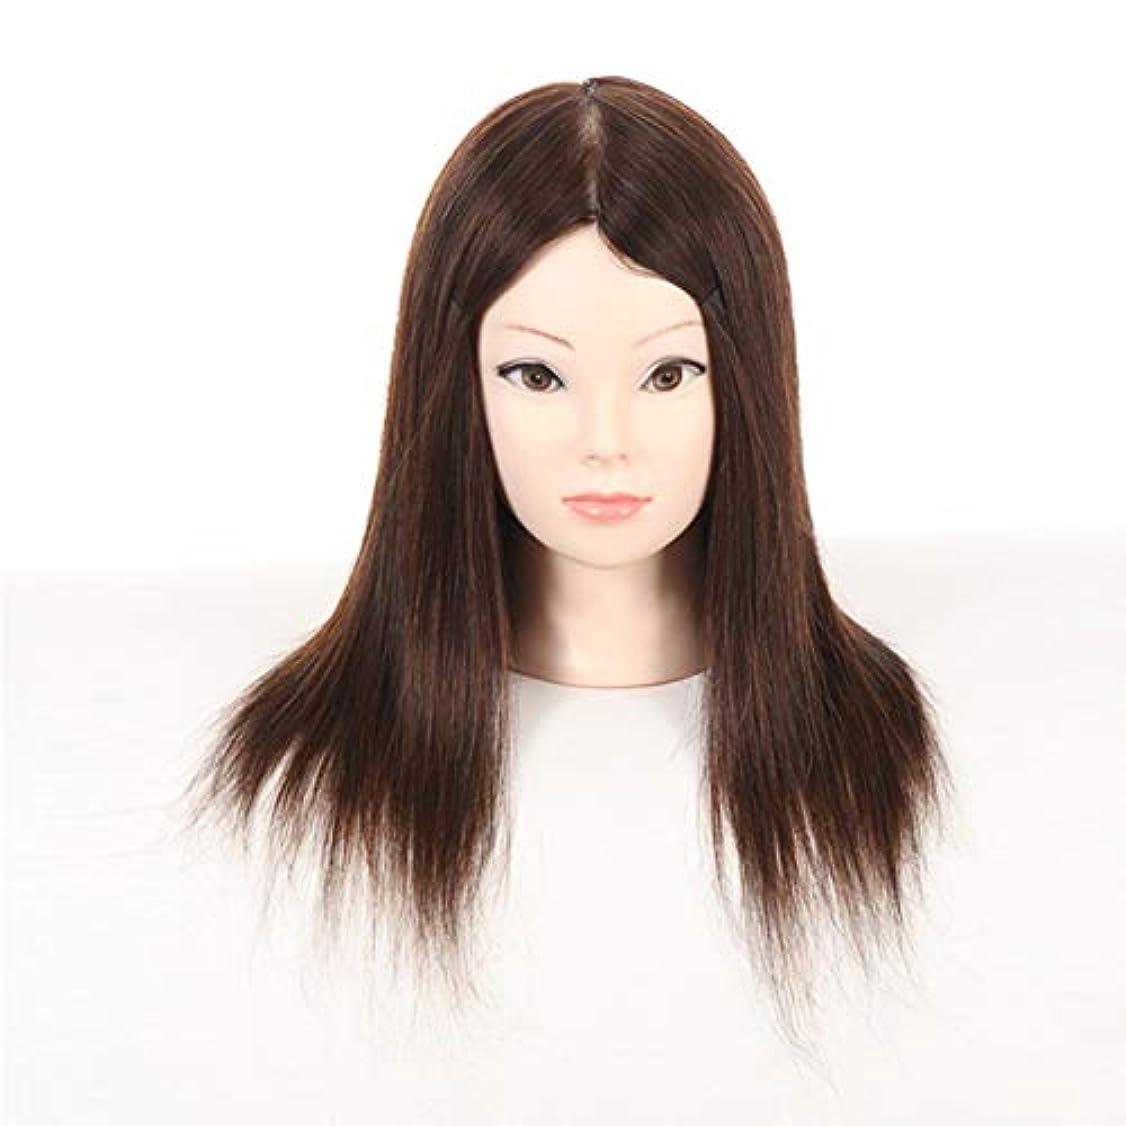 銀関係ない蚊本物の髪髪編組髪ヘアホット染料ヘッド型サロンモデリングウィッグエクササイズヘッド散髪学習ダミーヘッド